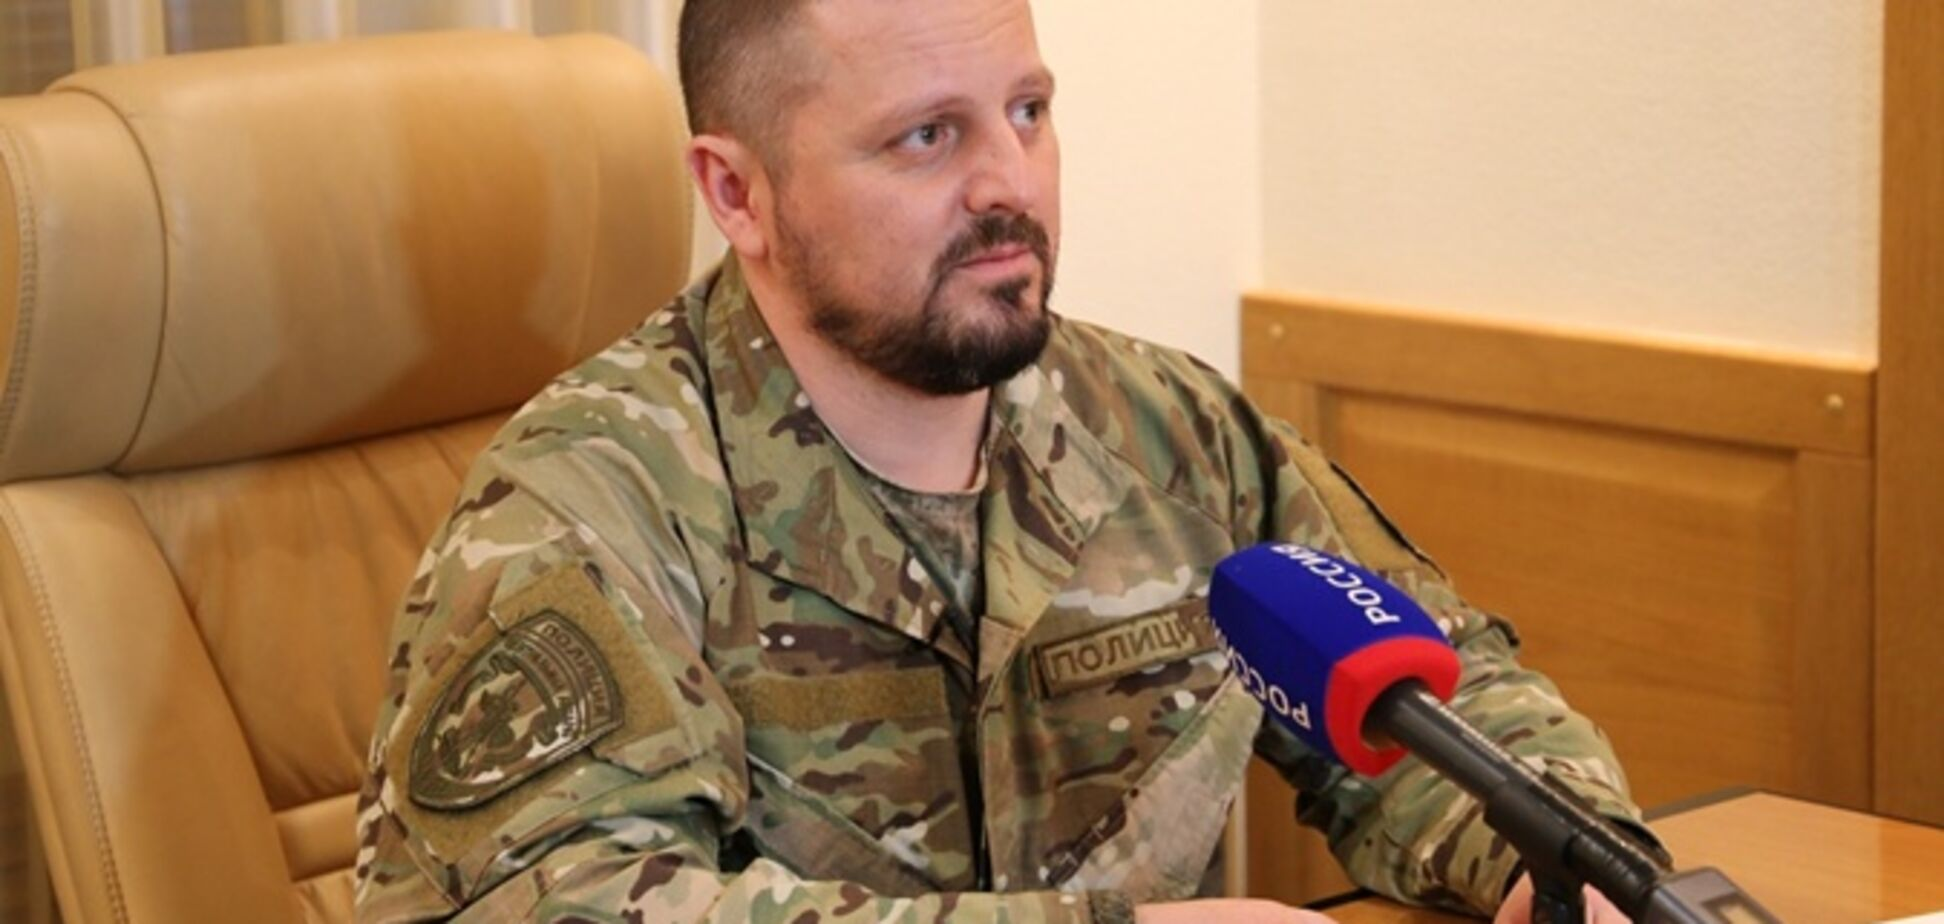 Луганск могли вернуть в Украину: Корнет 'раскрыл' сговор Плотницкого с Киевом